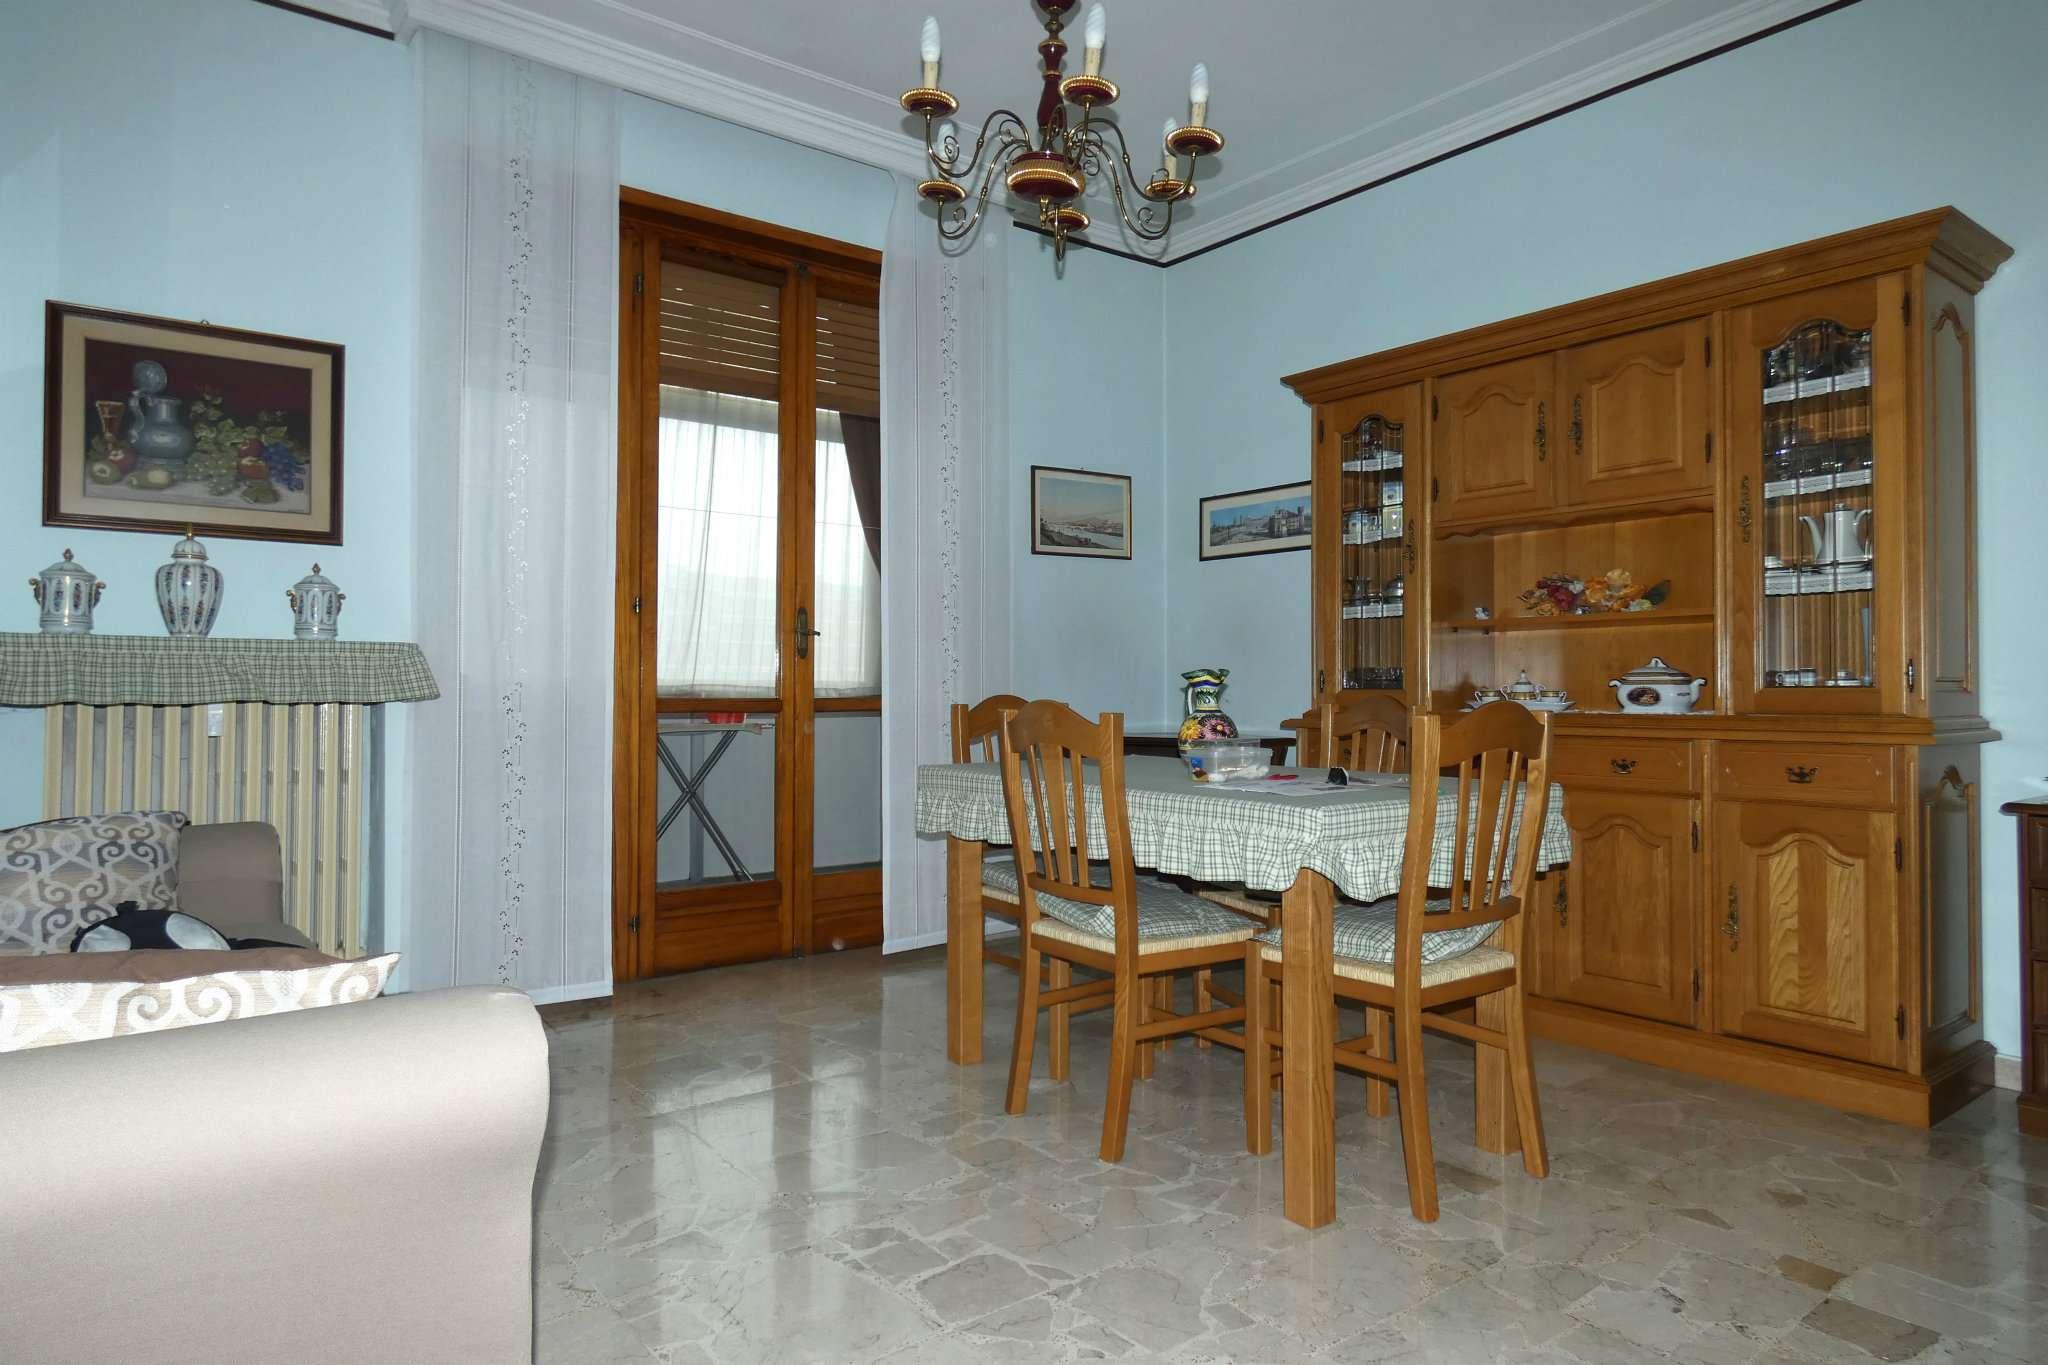 Appartamento in vendita a Bra, 3 locali, prezzo € 78.000 | CambioCasa.it